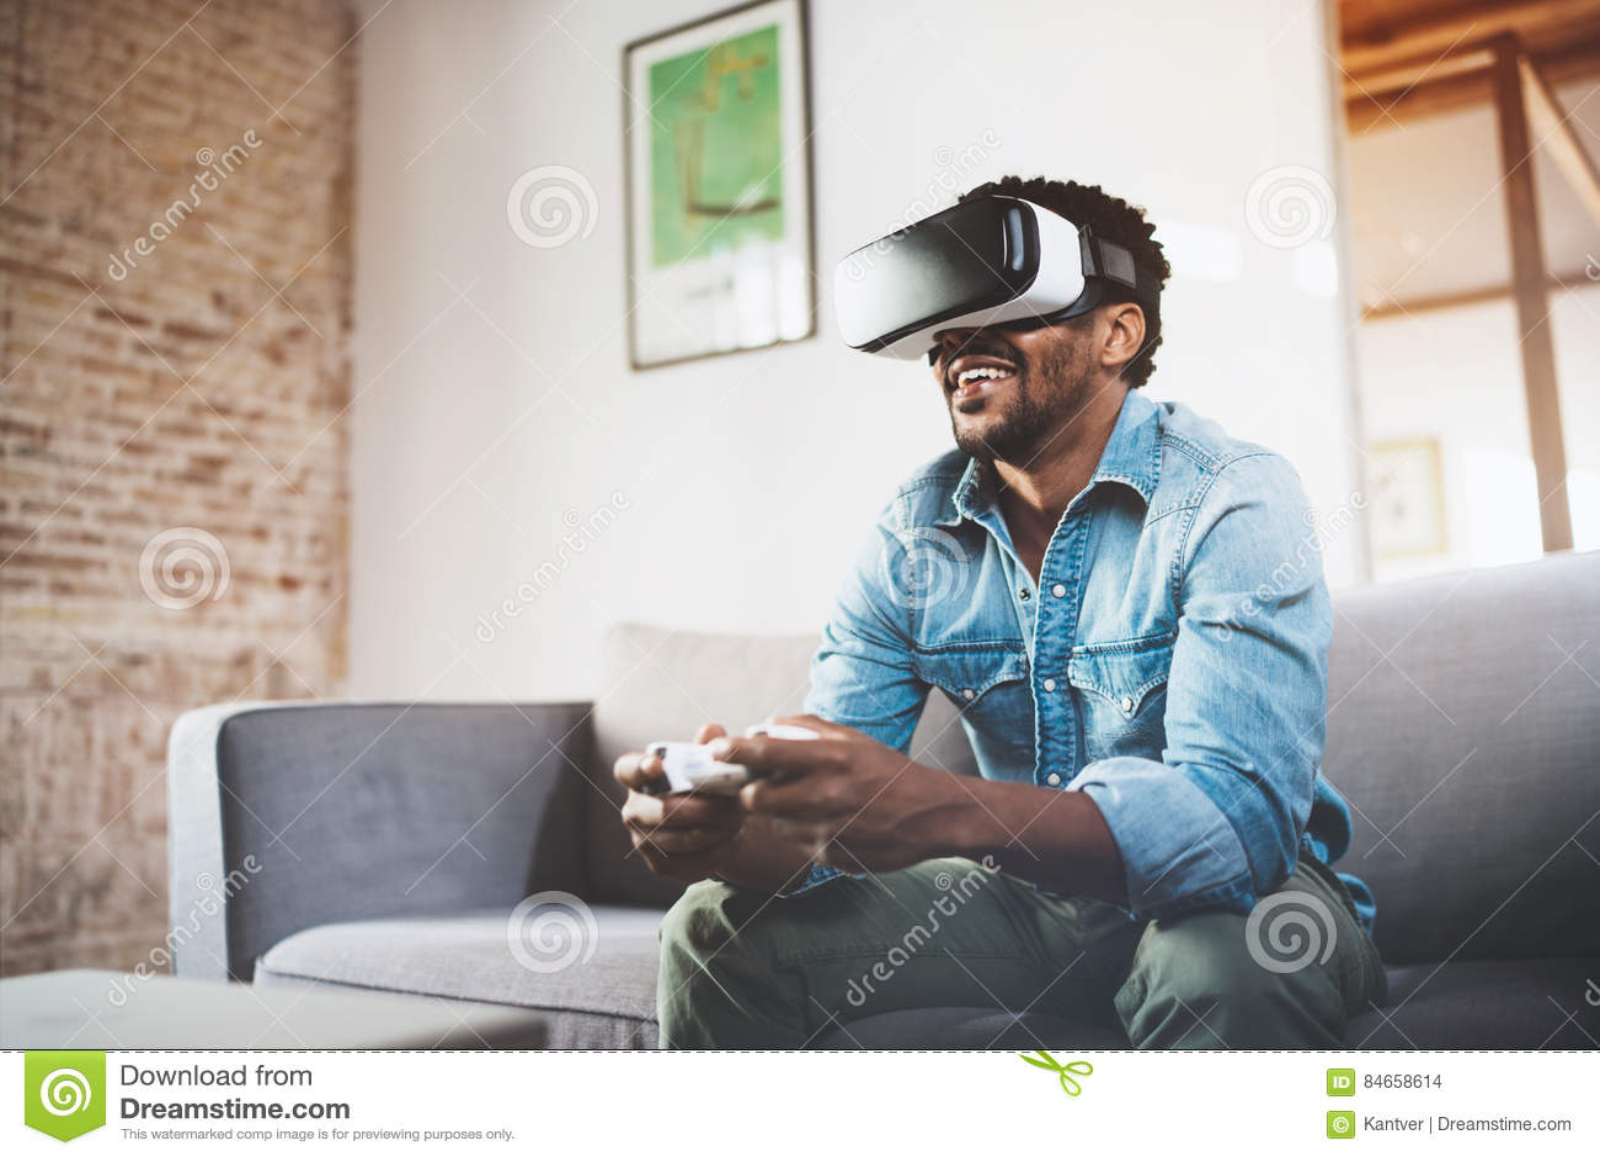 Pojęcie technologia, hazard, rozrywka i ludzie, Szczęśliwy afrykański mężczyzna cieszy się rzeczywistość wirtualna szkła podczas